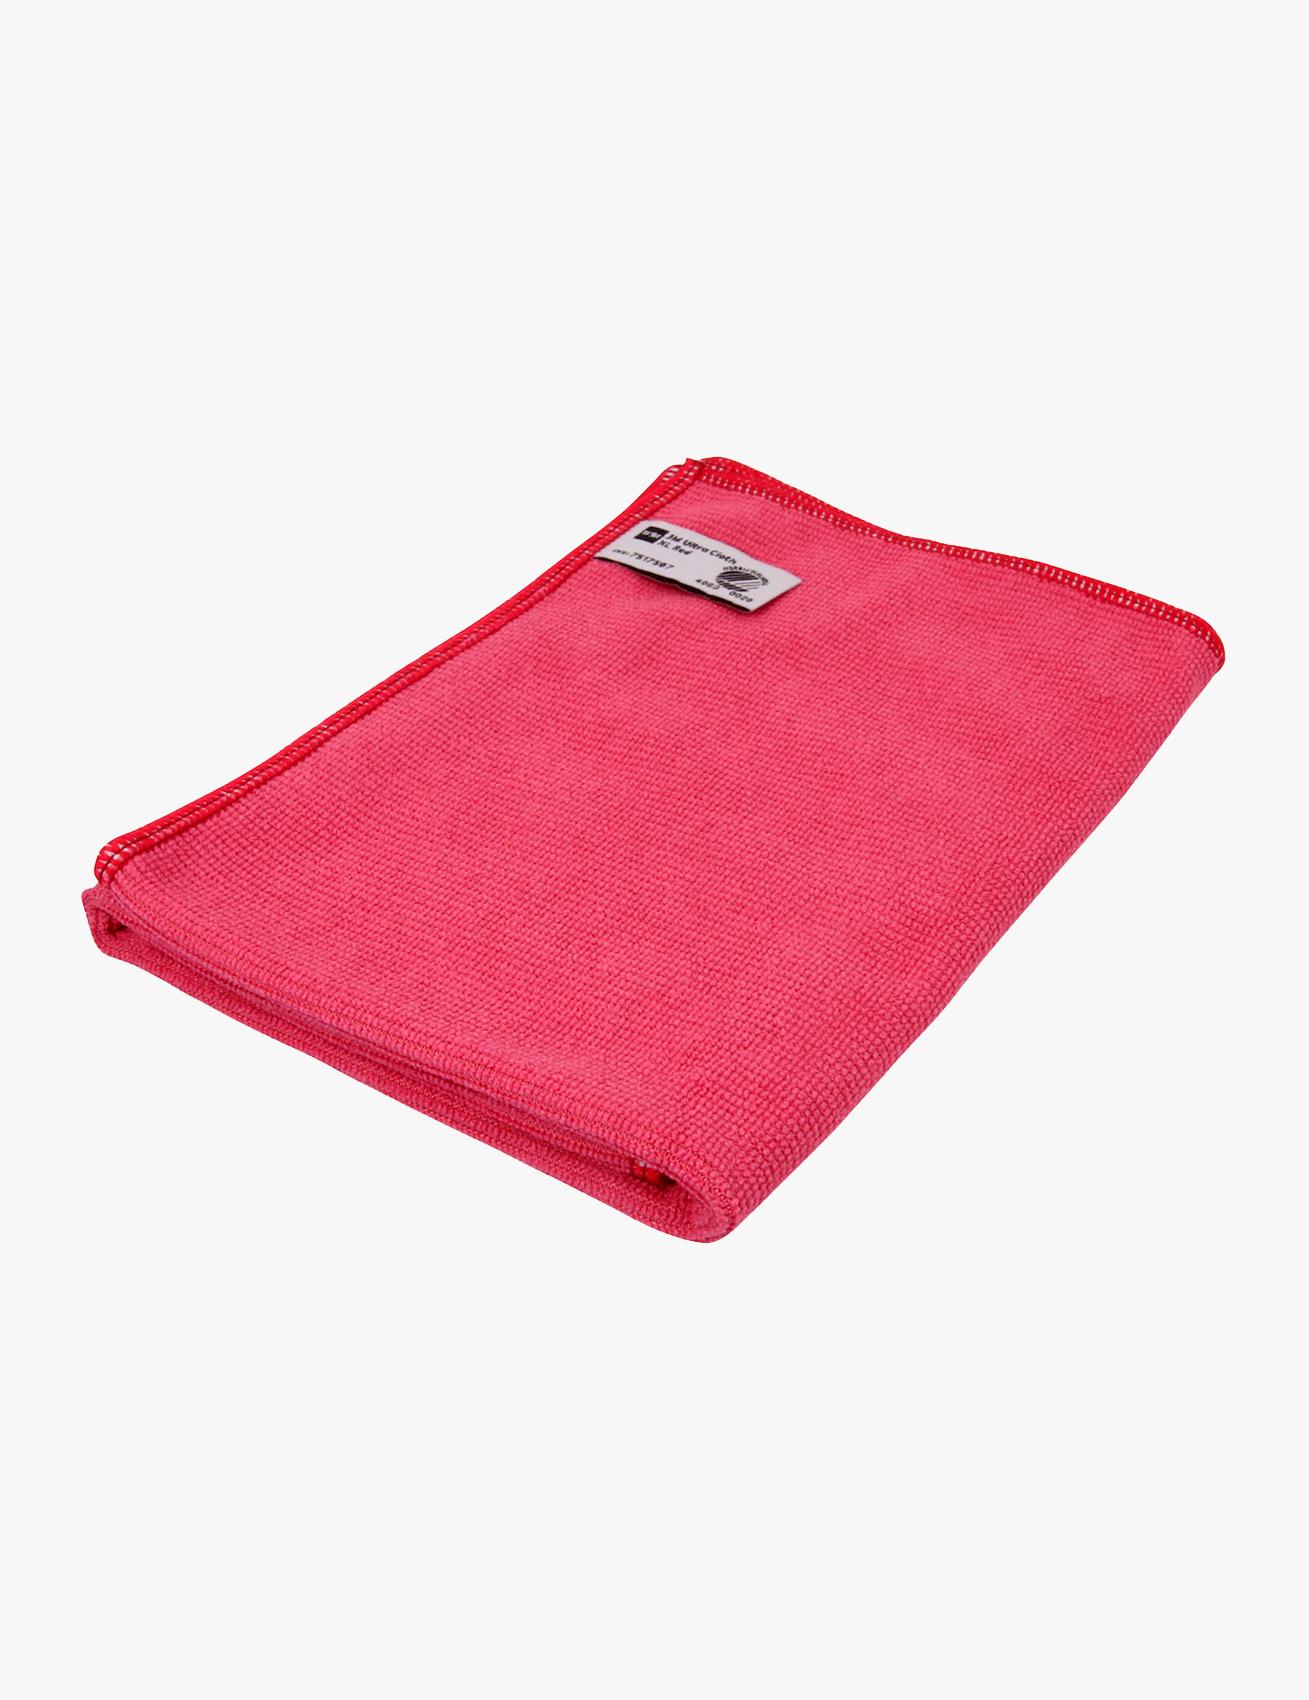 Серветка для прибирання TASKI JM ULTRA CLOTH, 32х32см, червона